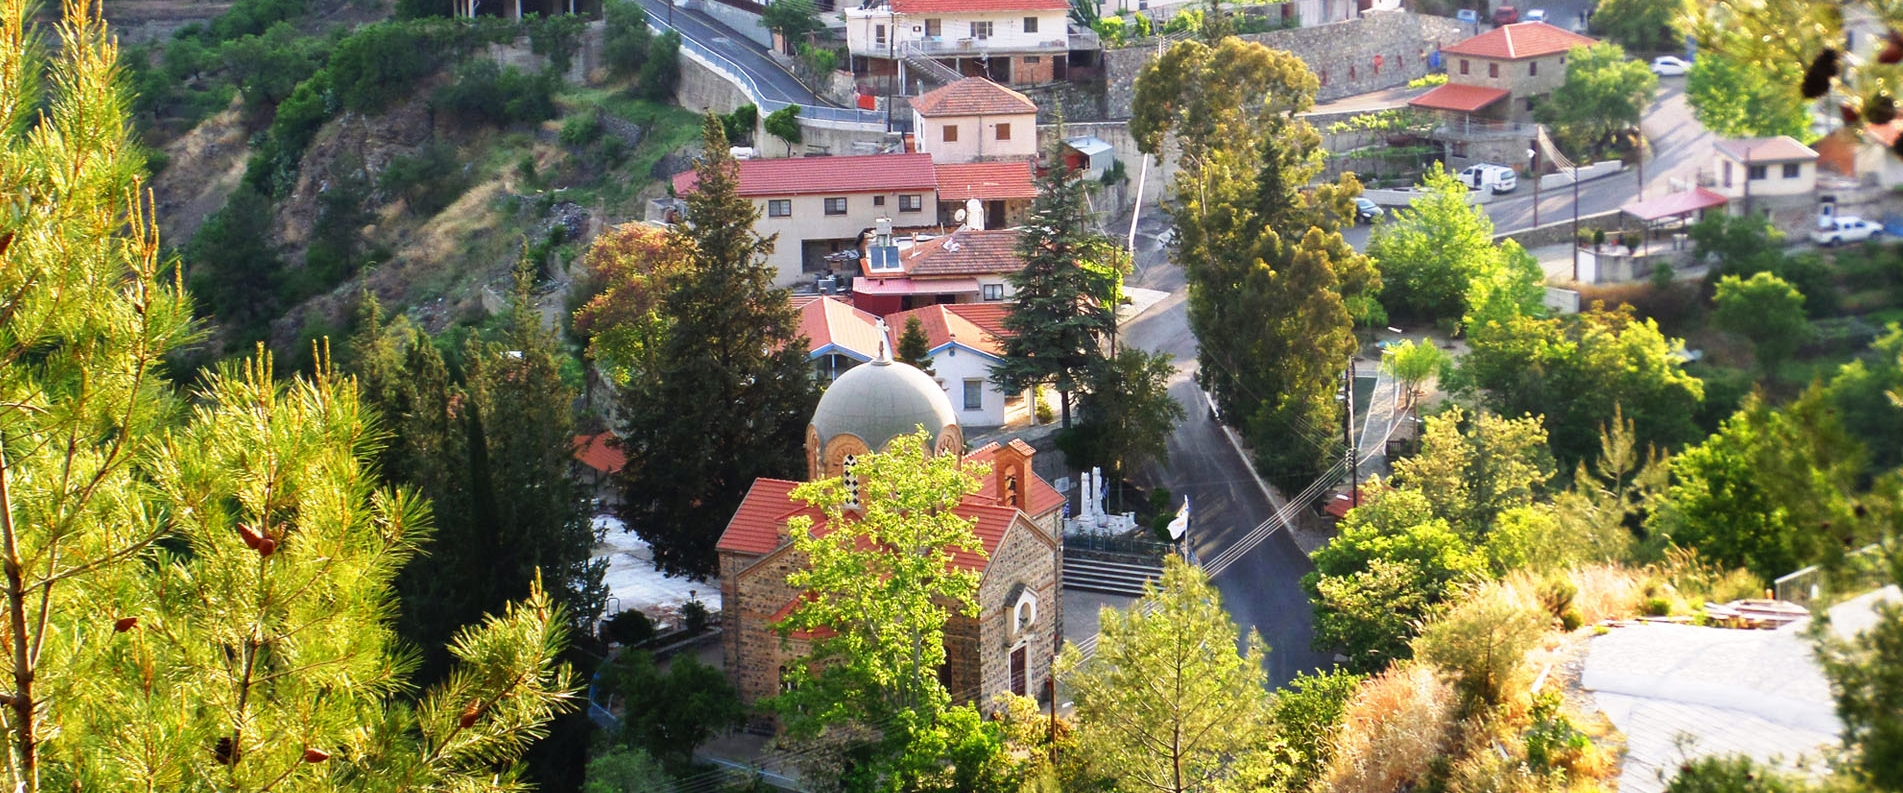 Речная история: деревня Потамитисса и водопад Месапотамос с достопримечательностями